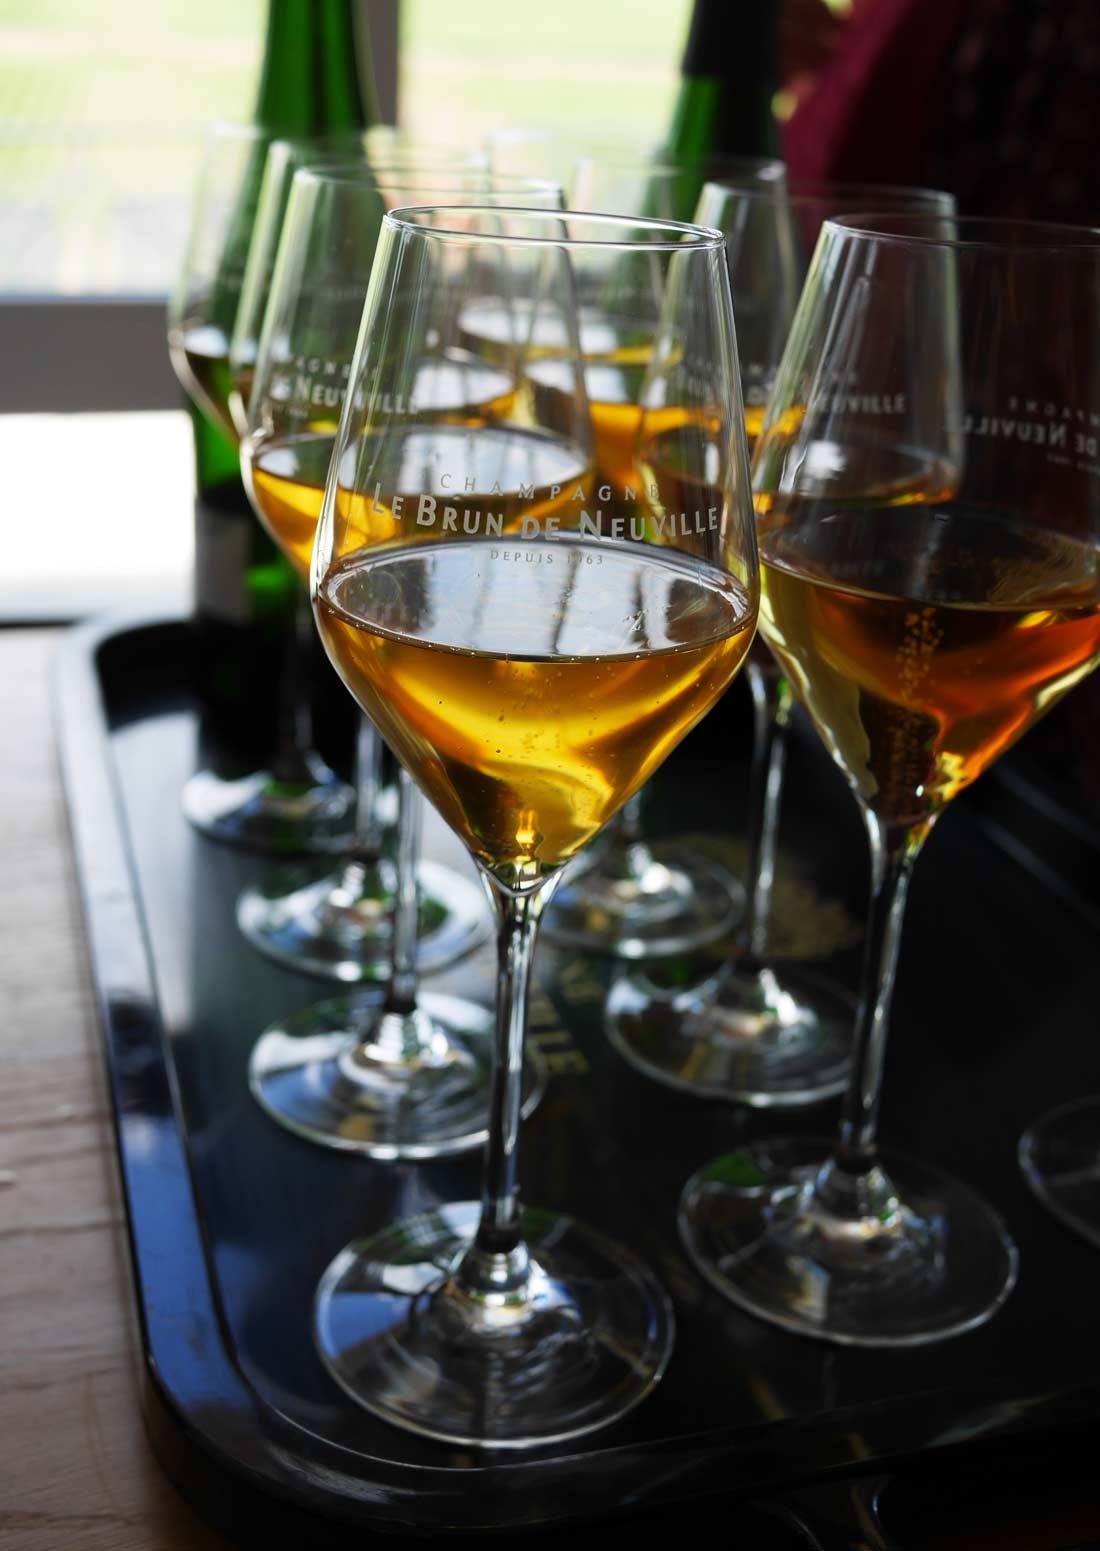 dégustation du millésime 1995 du champagne Le Brun de Neuville